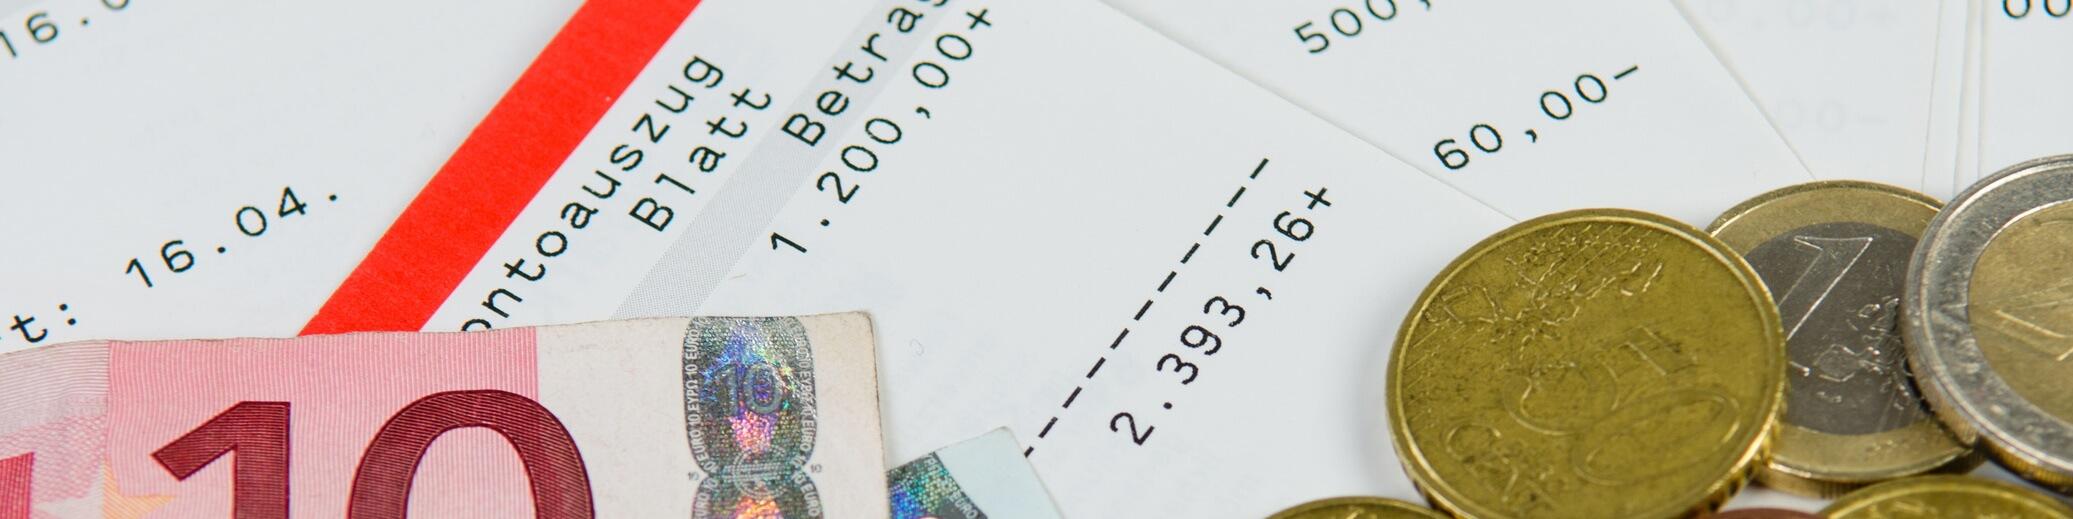 Paysafecard Guthaben Zurückbuchen